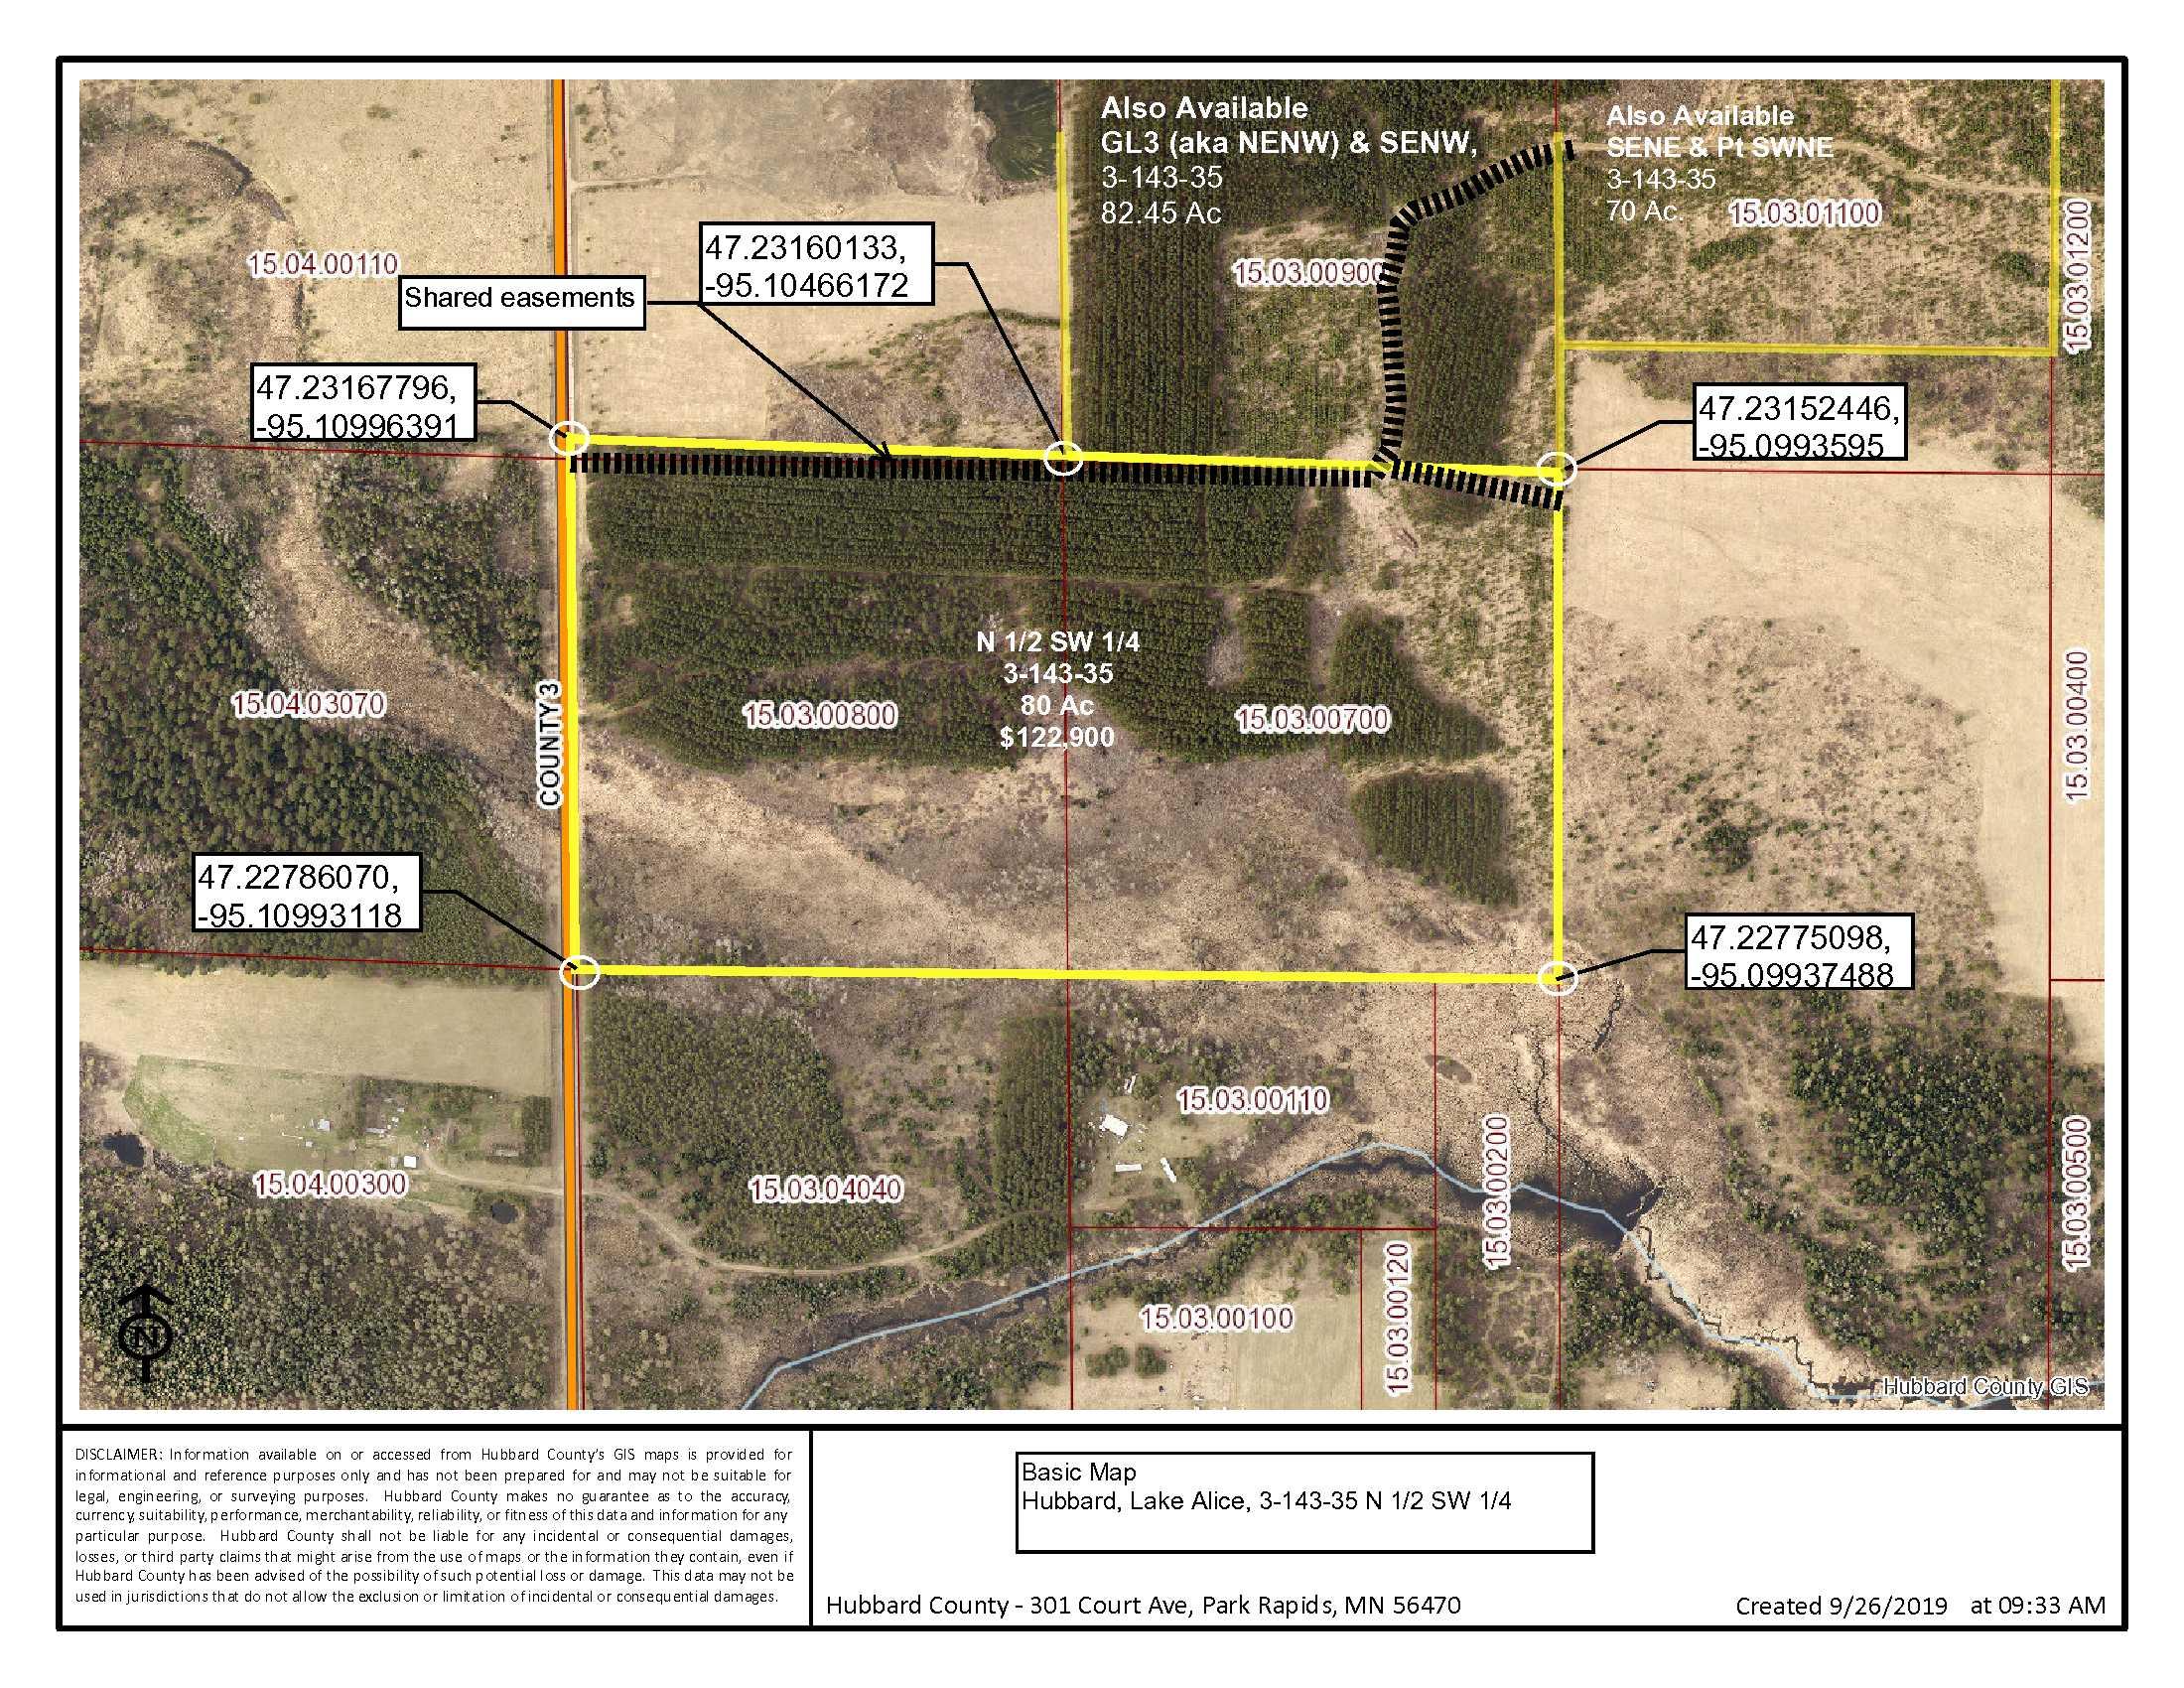 N ½ SW ¼, 3-143-35, Co Rd 3, Lake Alice Twp, Laporte, Hubbard Co